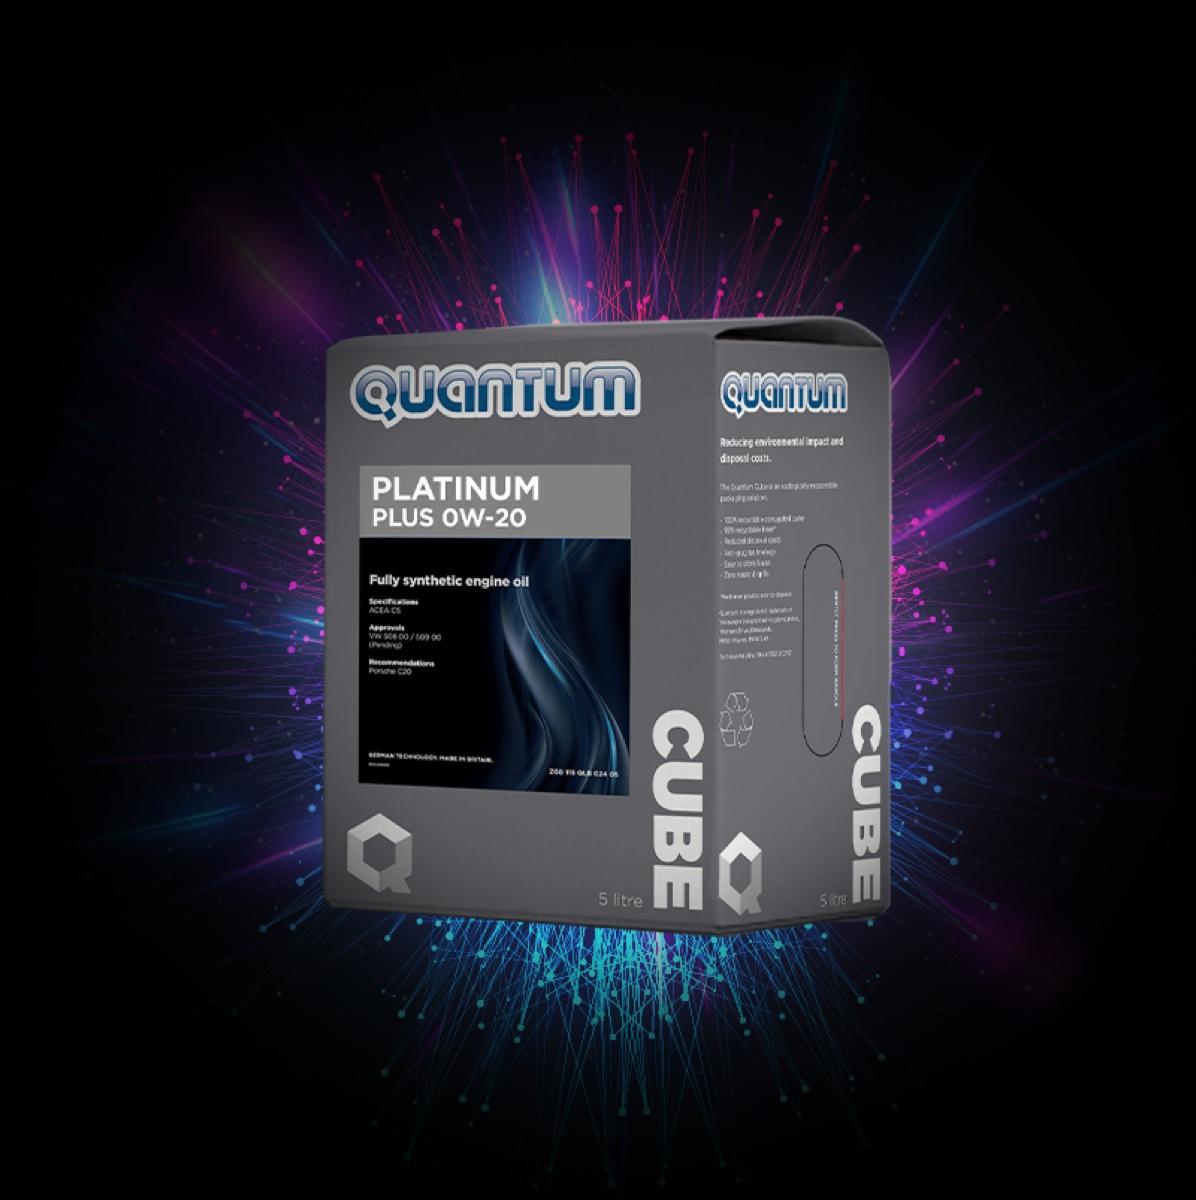 Quantum Platinum Plus 0W-20